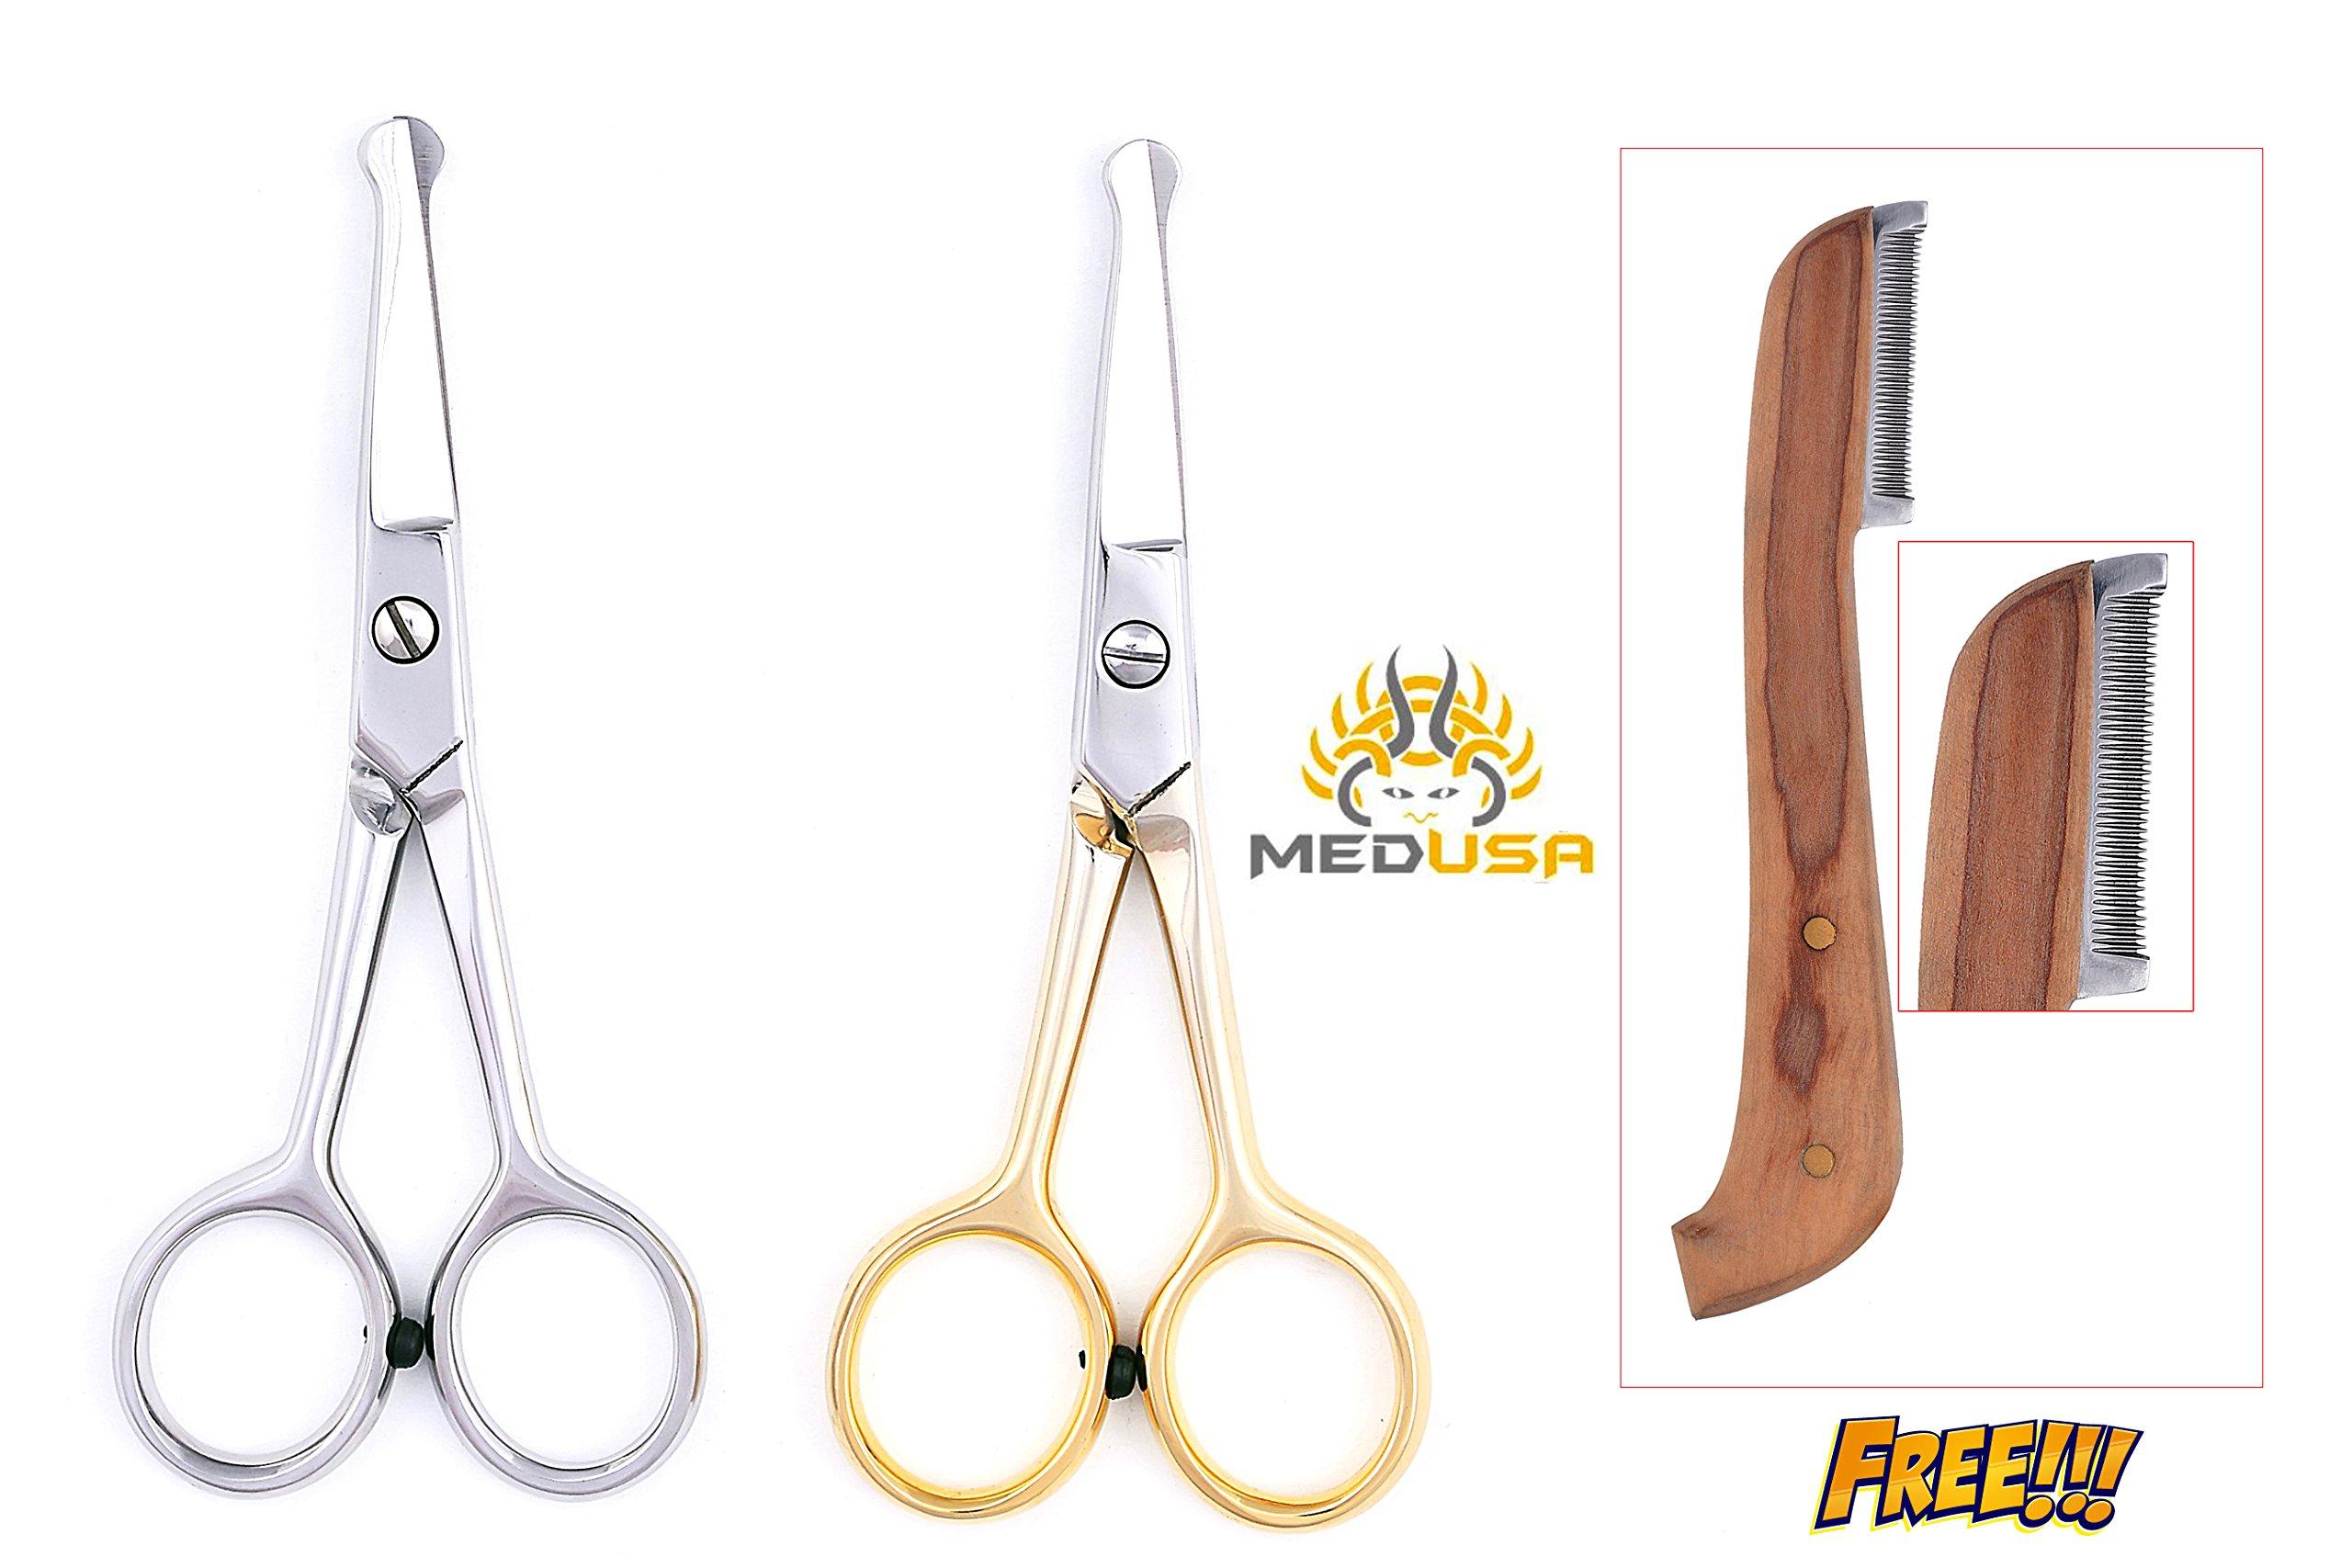 MedUSA Professional 4.5 Ball Tipped Japanese Stainless Steel Pet Grooming Scissor Shear (Full Set) by MedUSA